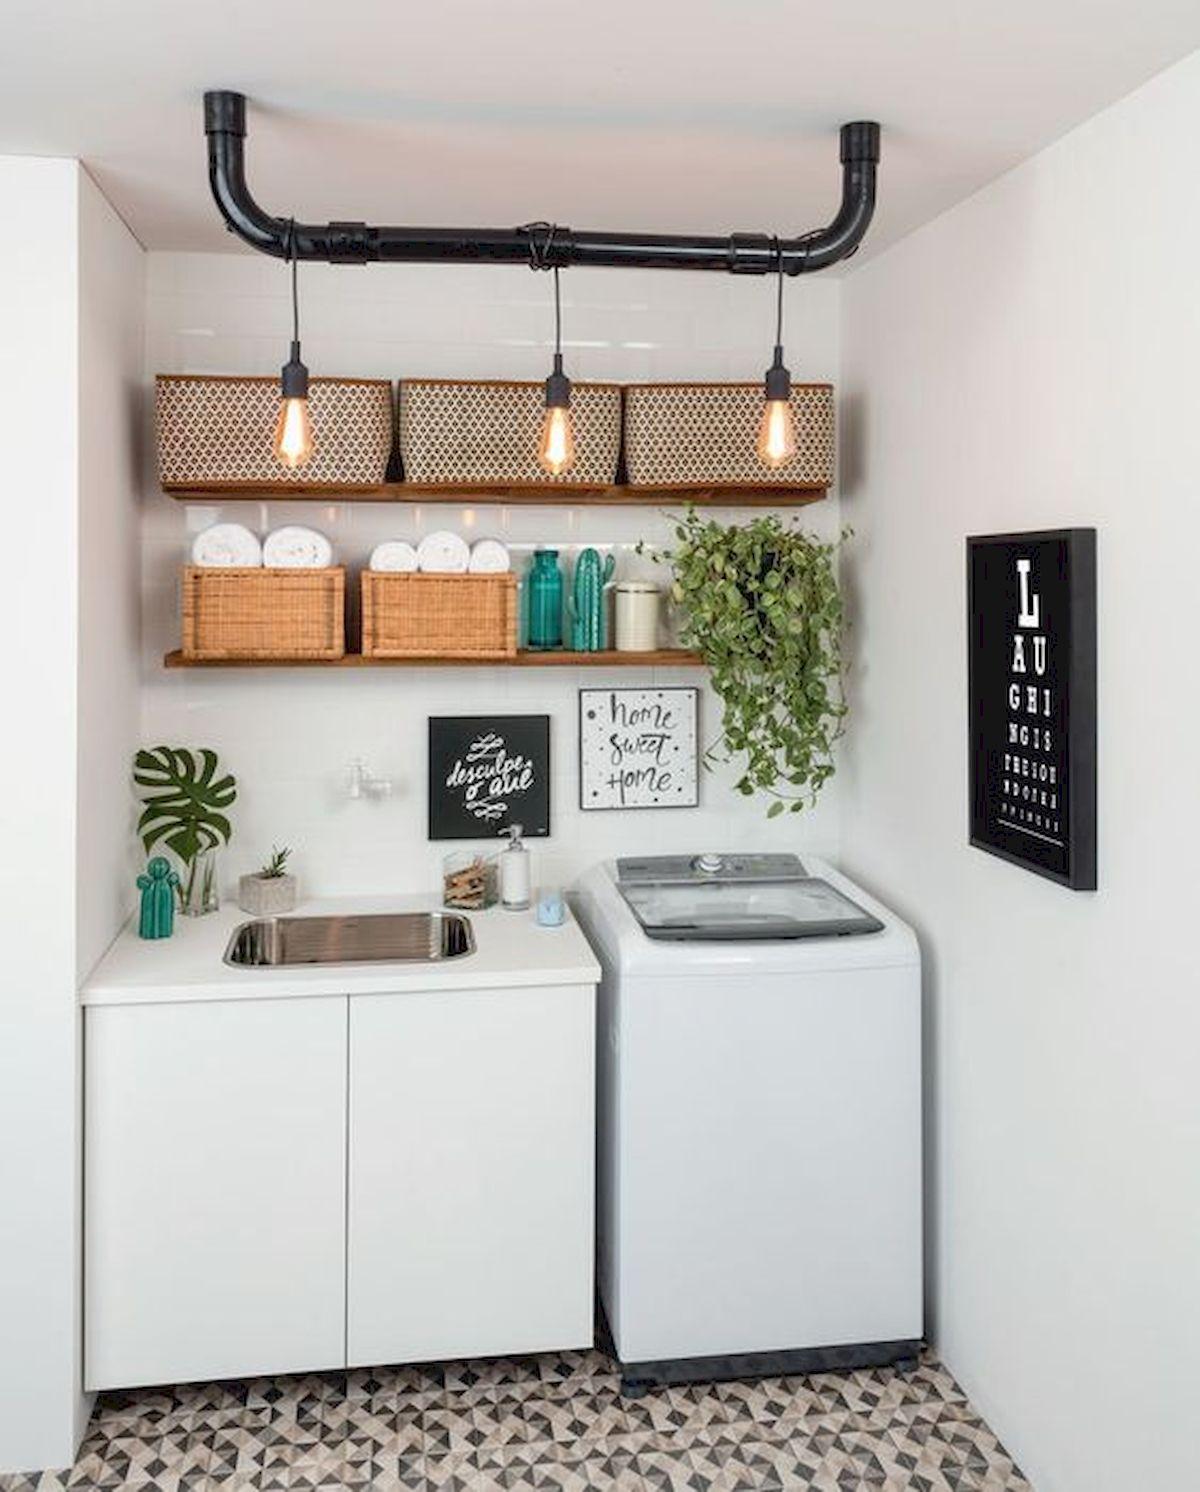 Imagem de uma área de serviços pequena com decoração minimalista. Temos duas prateleiras logo acima de uma pia e uma máquina de lavar.